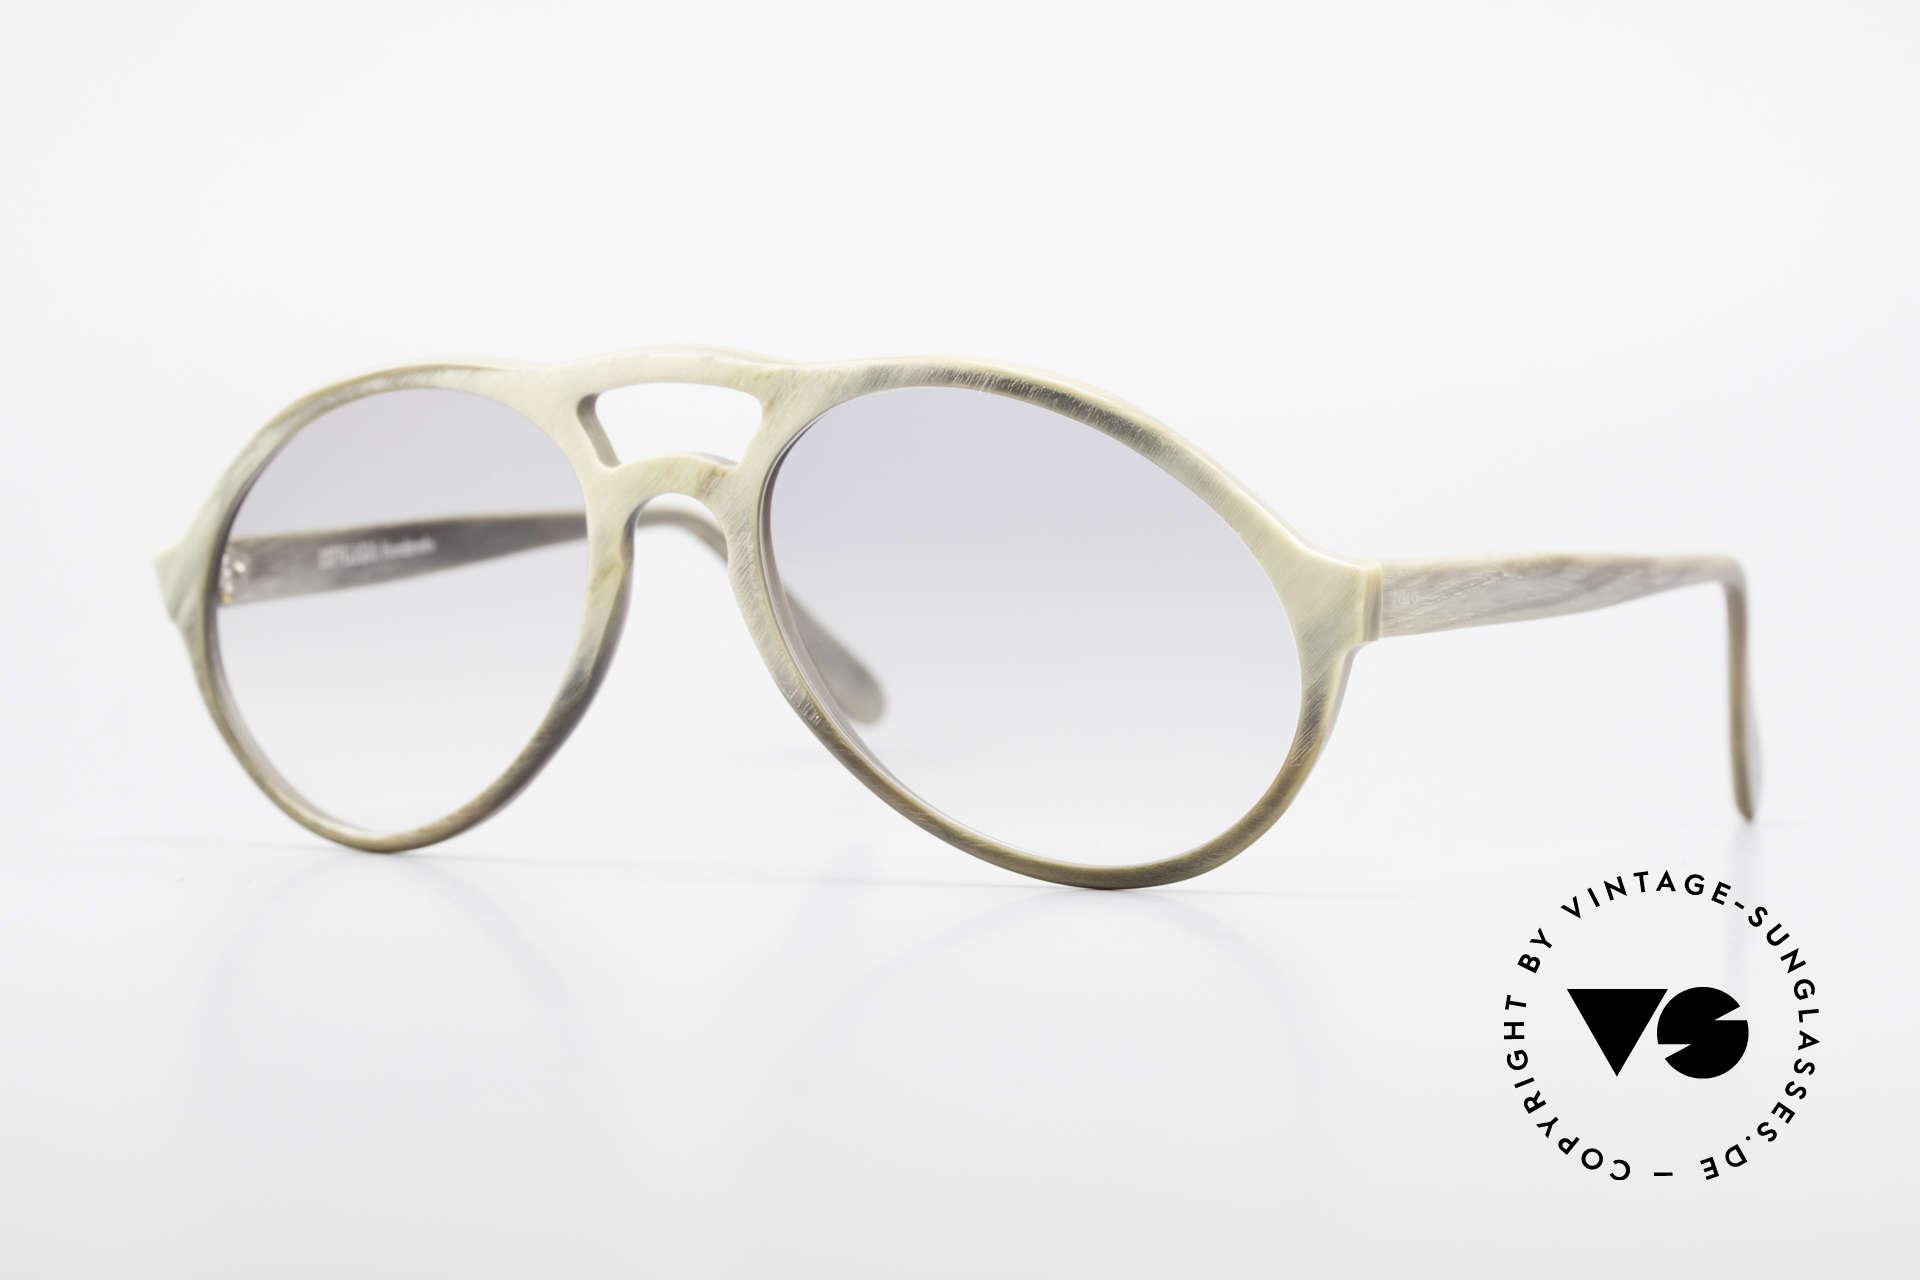 Bugatti 55020 Echt Büffelhorn Sonnenbrille, kostbare vintage BUGATTI Sonnenbrille in Größe 54-18, Passend für Herren